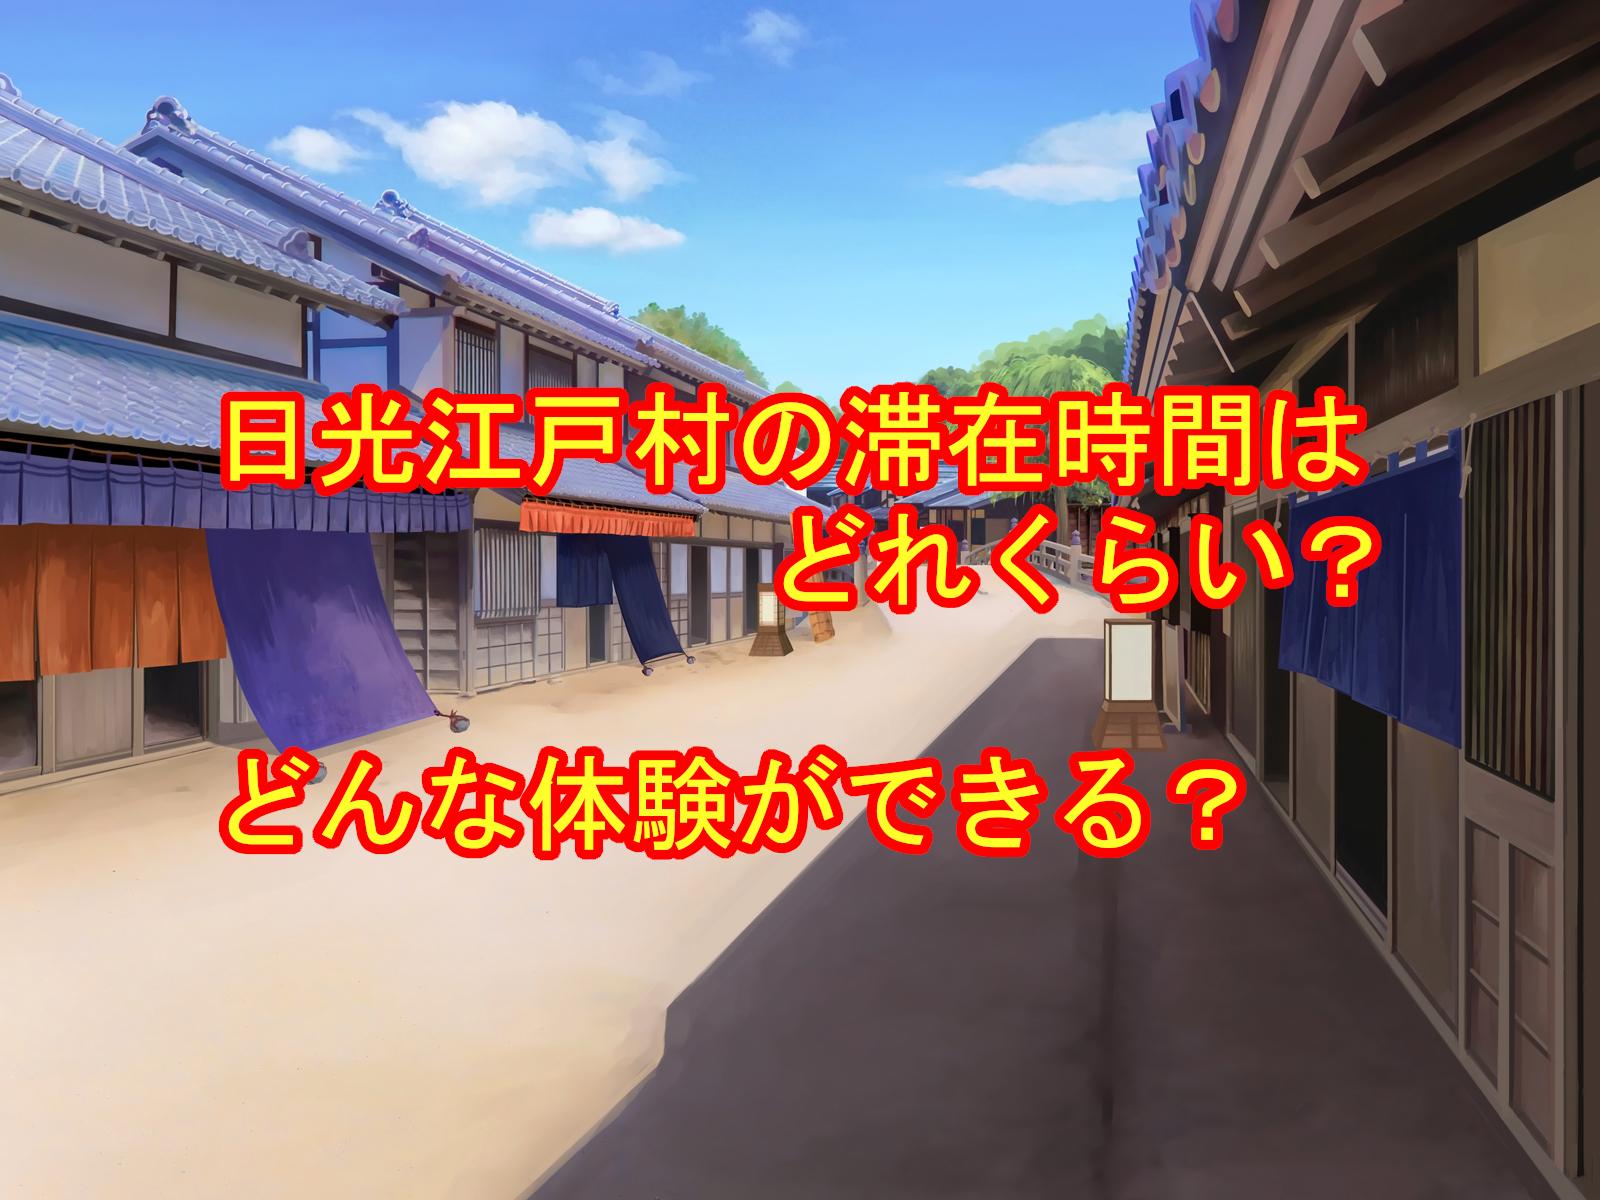 日光江戸村の滞在時間はどれくらい?どんな体験ができる?